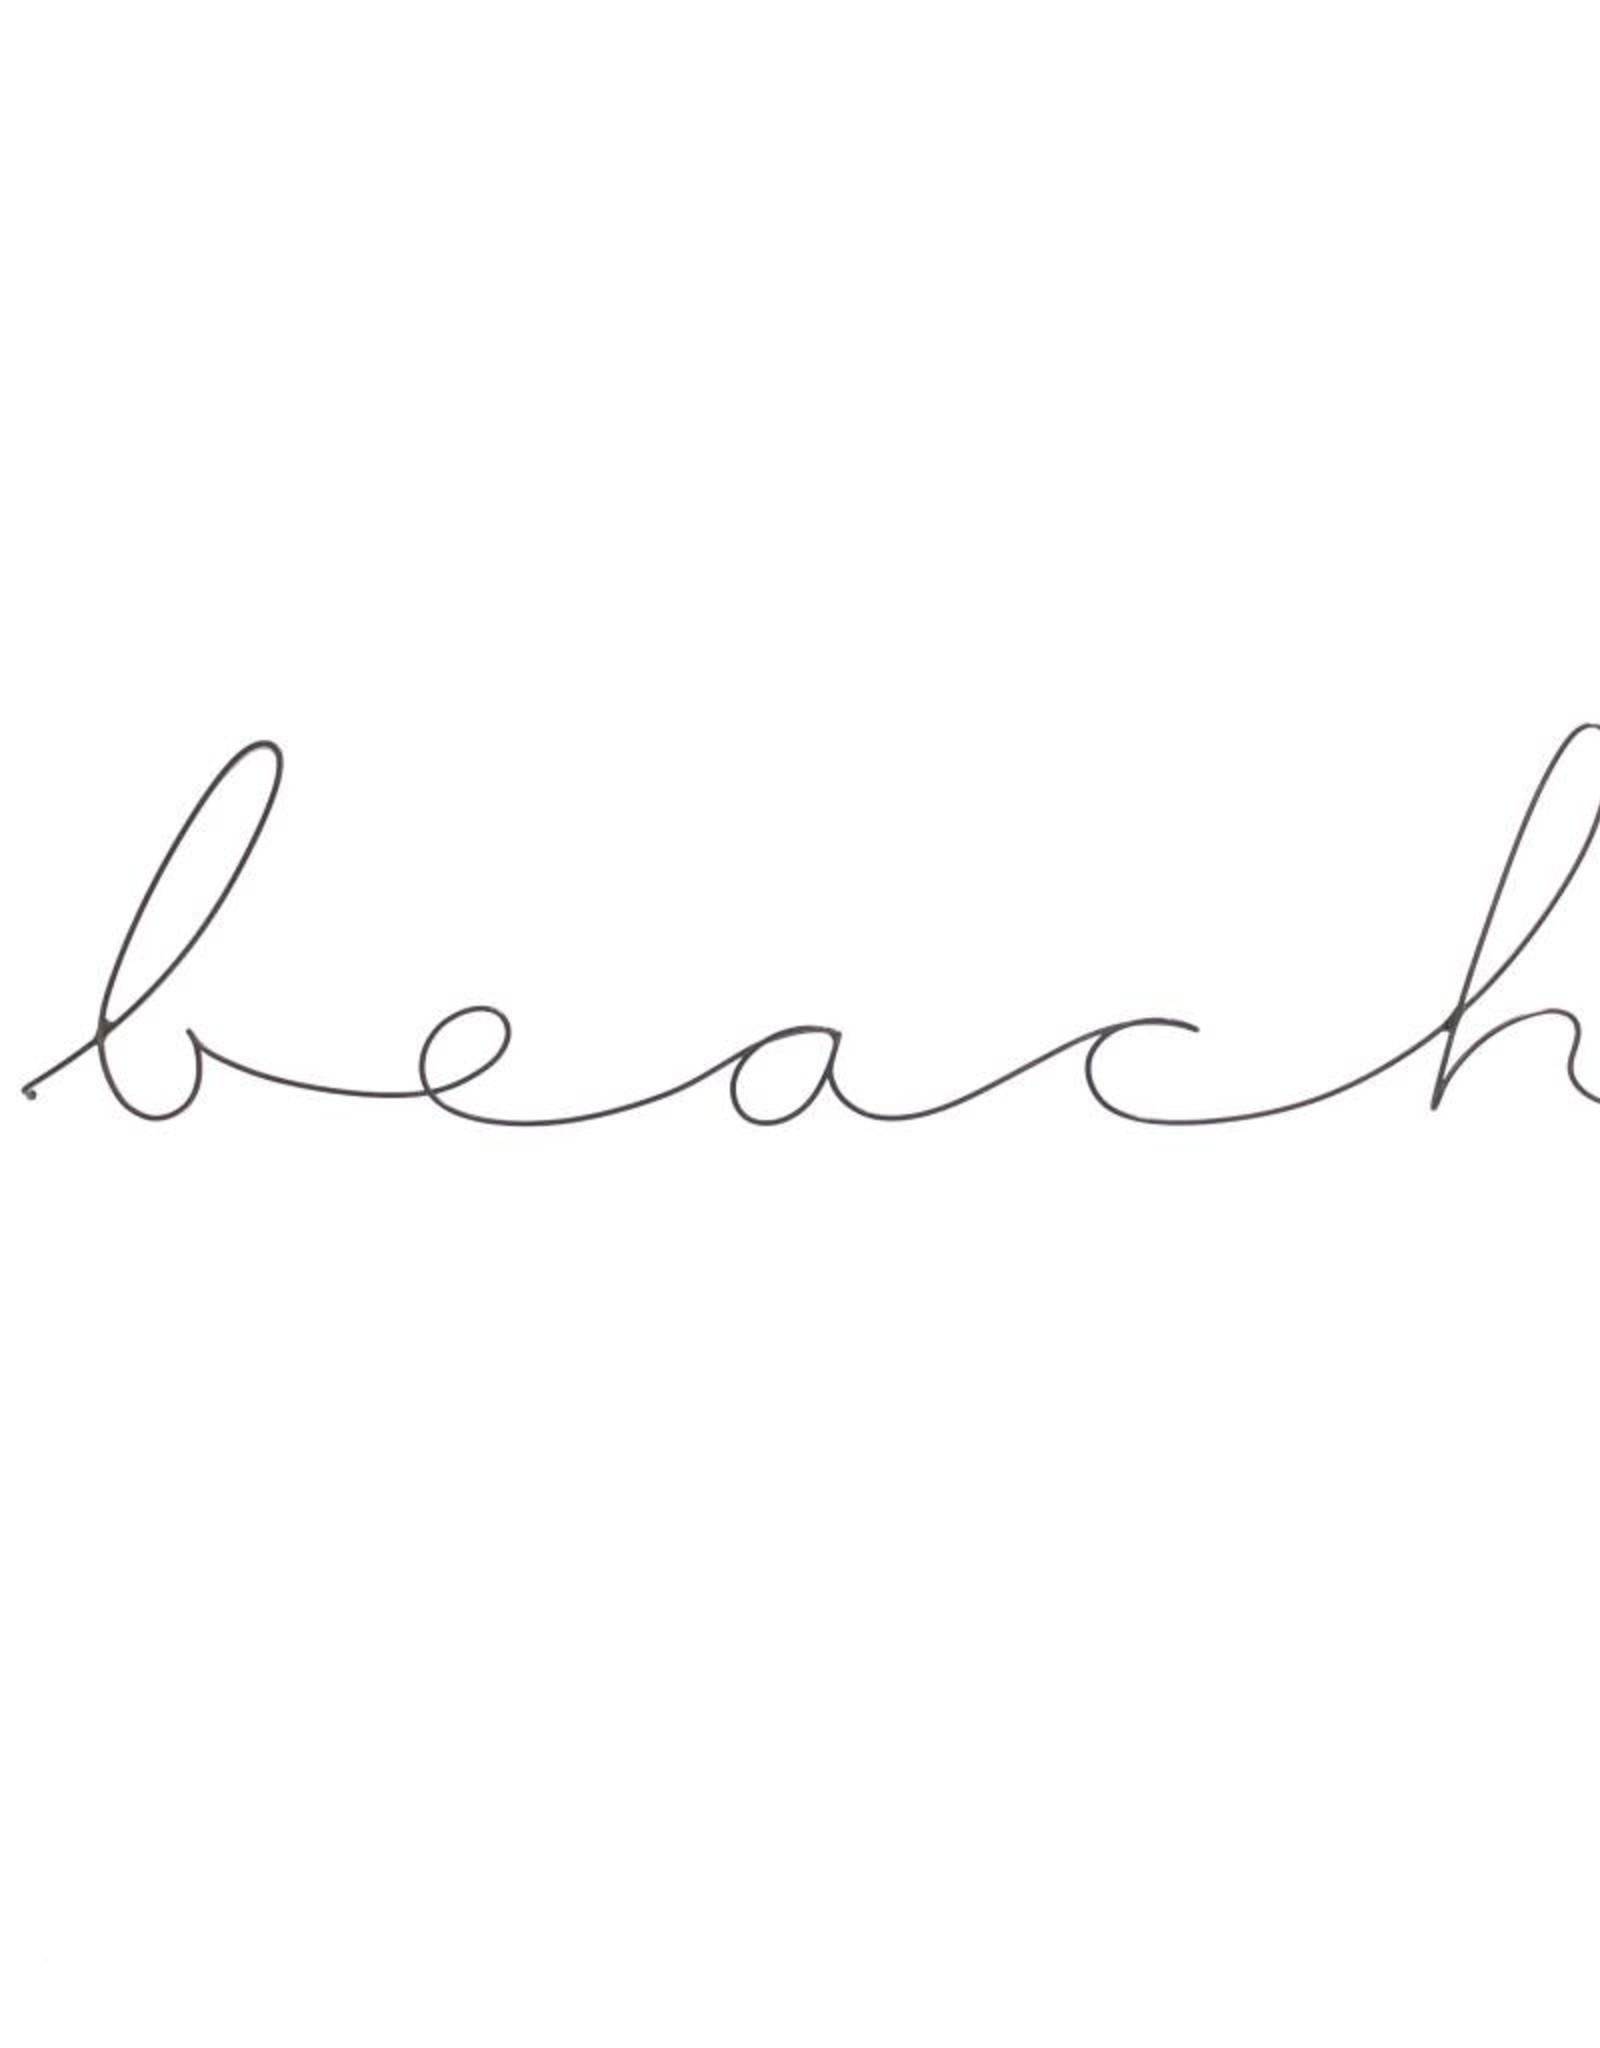 Gauge NYC 'beach' Wire Word Poetic